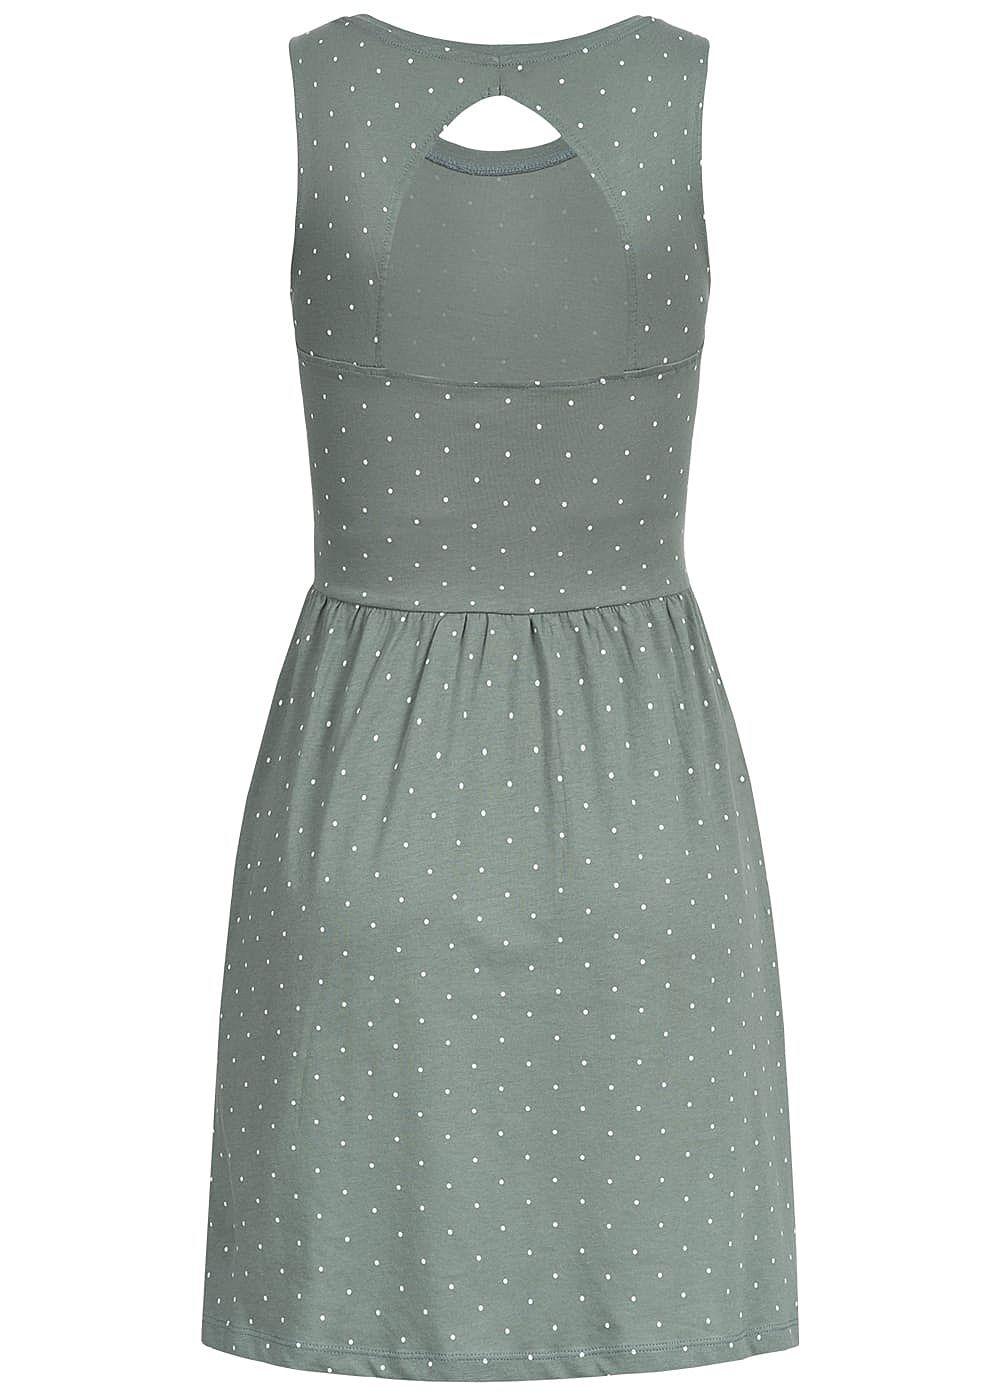 ONLY Damen Sweat Kleid Rückenausschnitt Punkte Muster ...